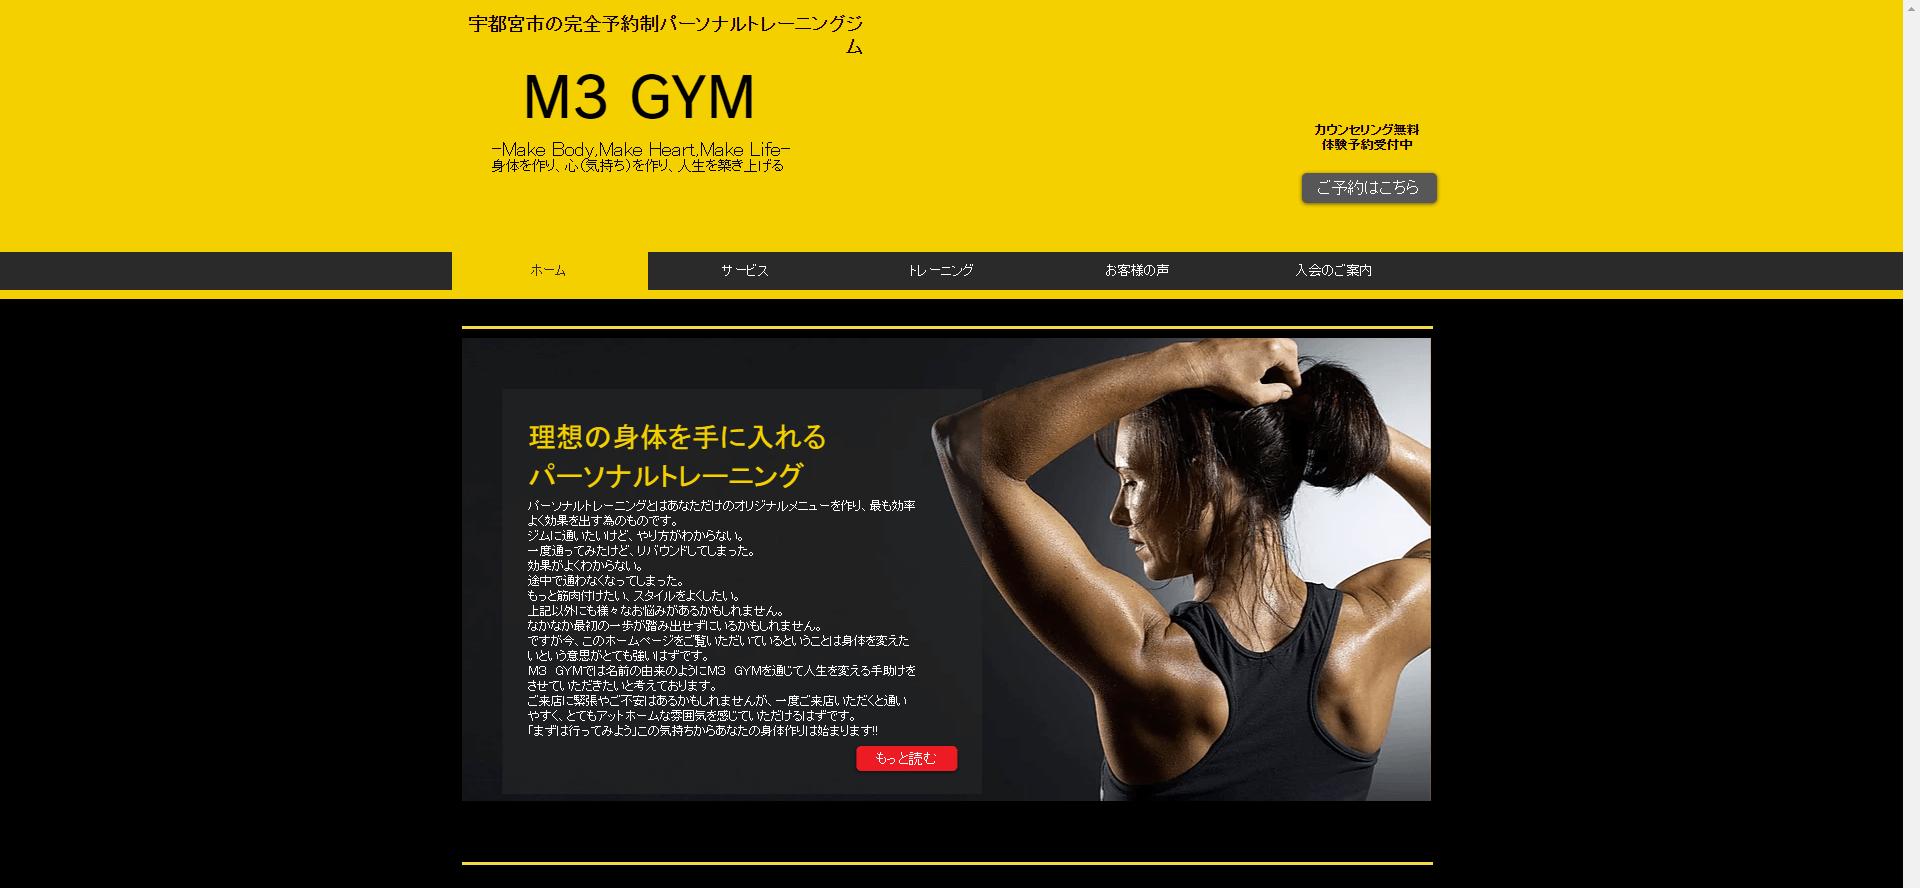 宇都宮エリアでおすすめのパーソナルトレーニングジム「M3 GYM」